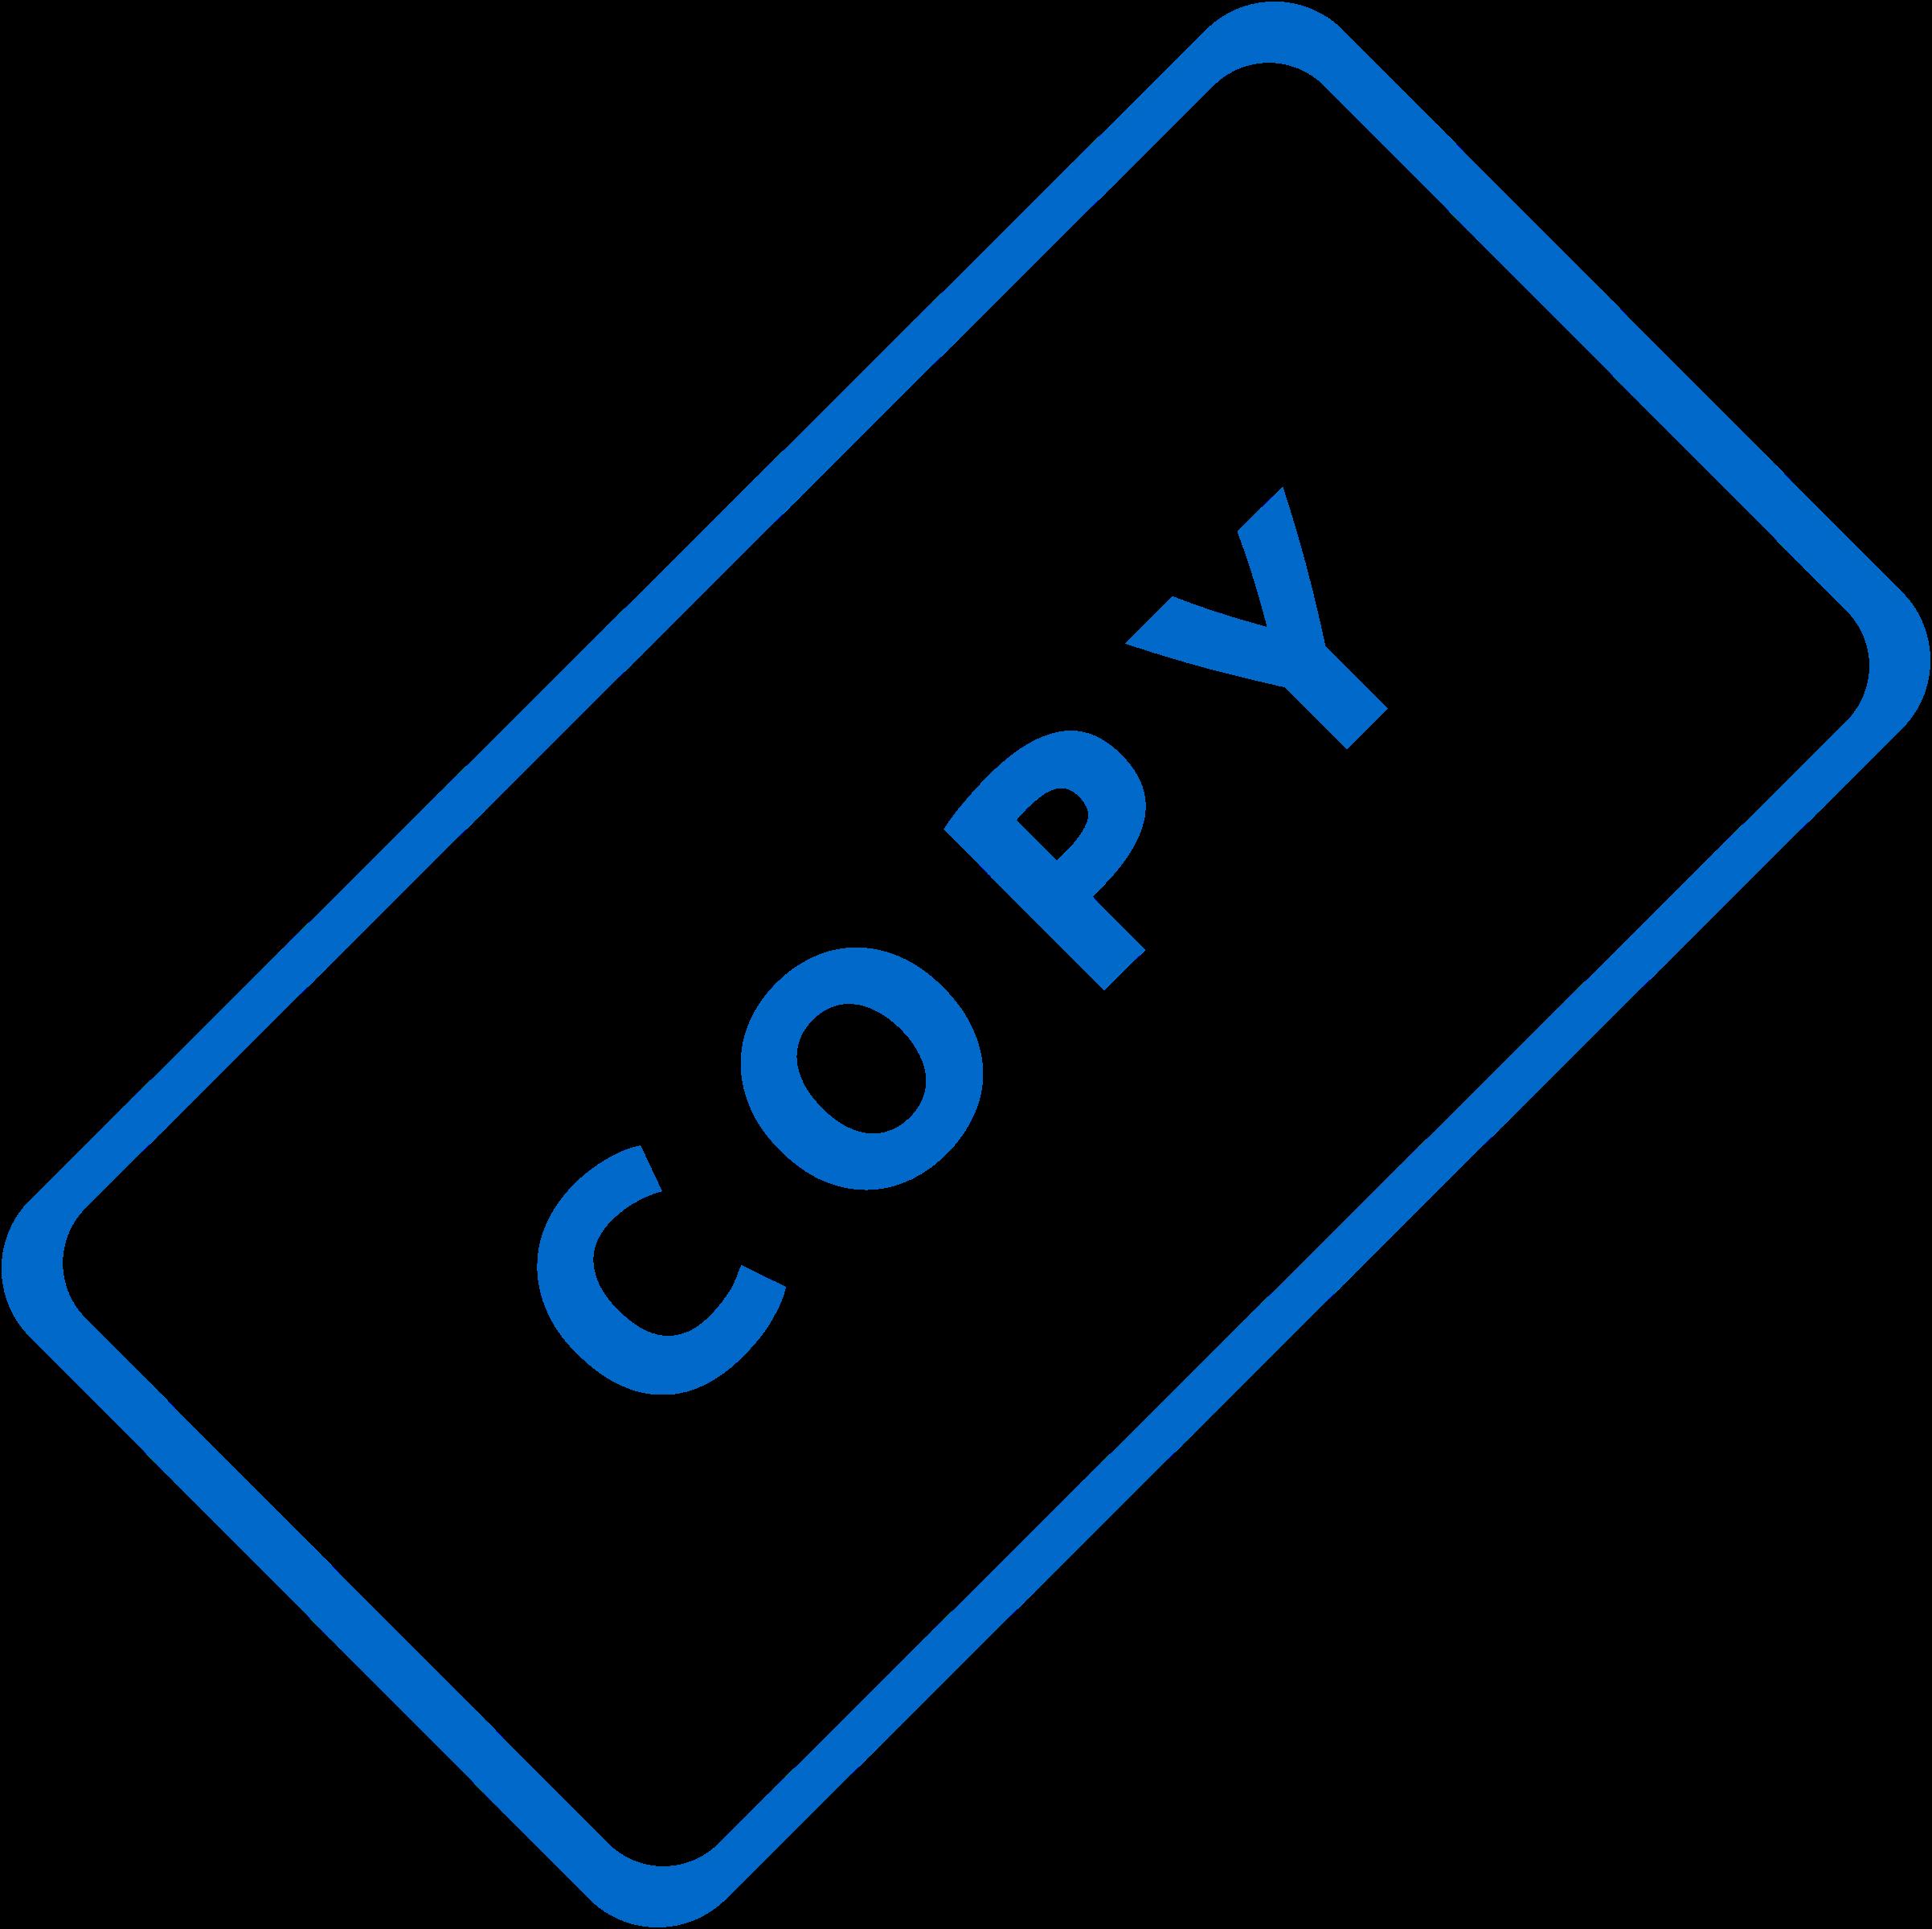 copy clip art clipart panda free clipart images rh clipartpanda com copy clip art to email copy clipart png